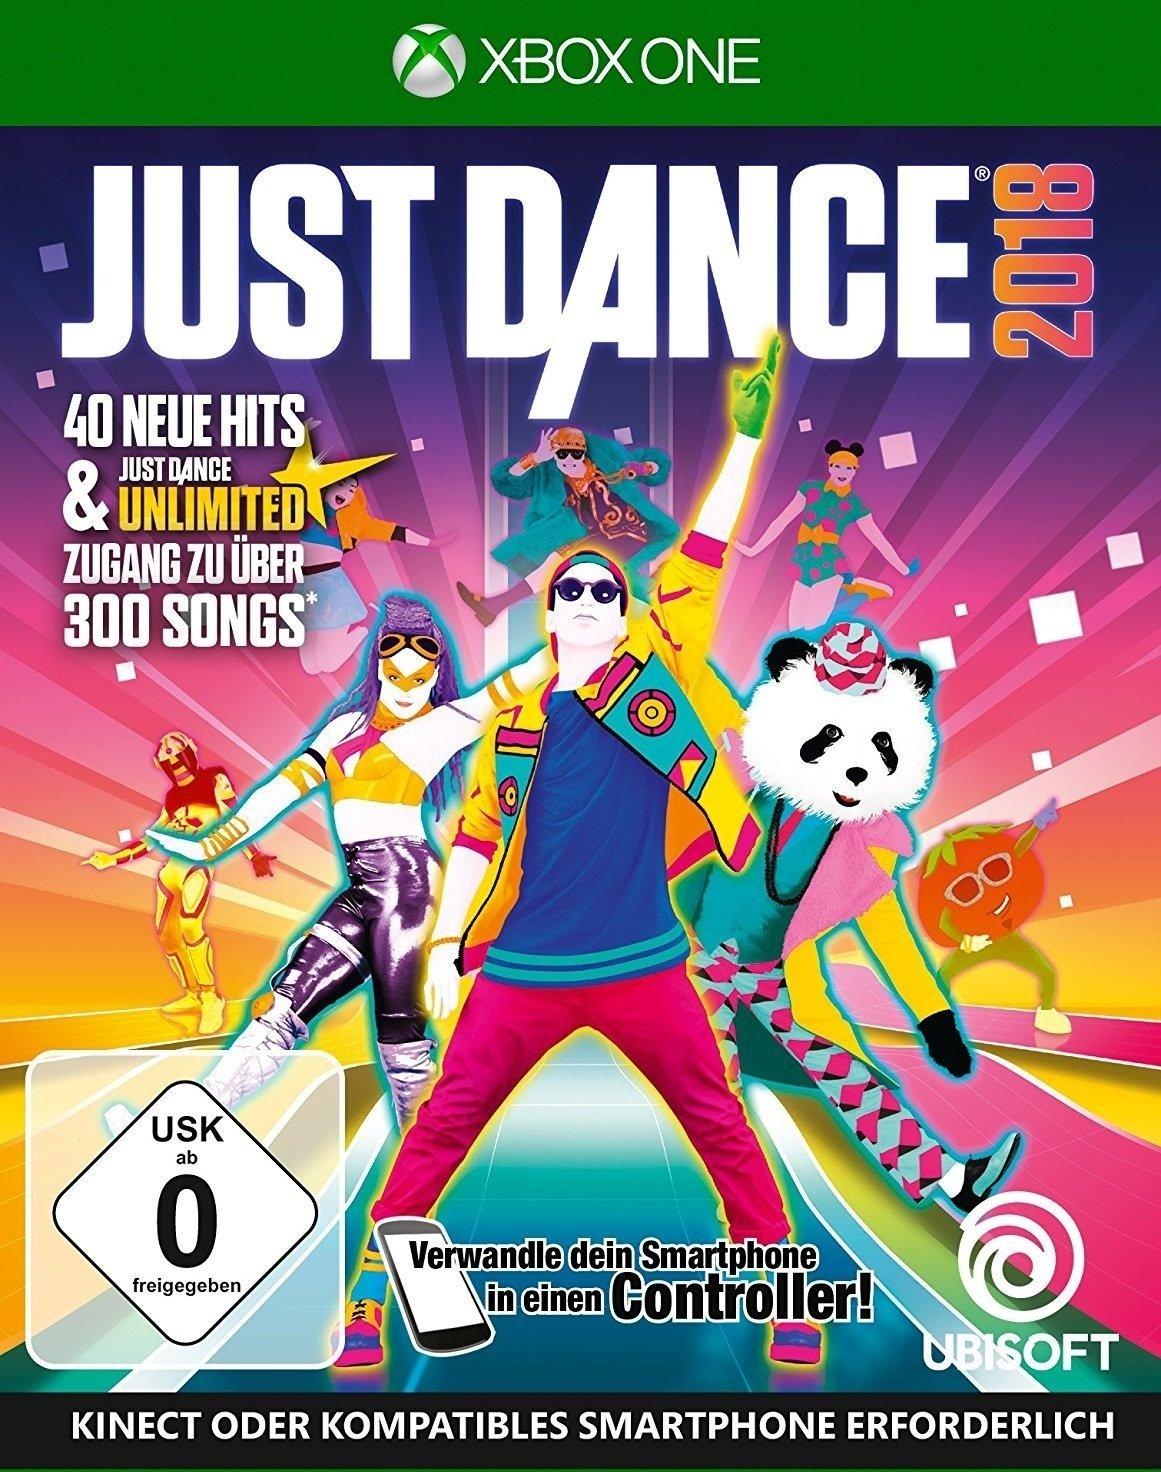 Just Dance 2018 (Xbox One) für 22,98€ bzw. 18,38€ 100 Ubisoft Punkte (Ubisoft Store)